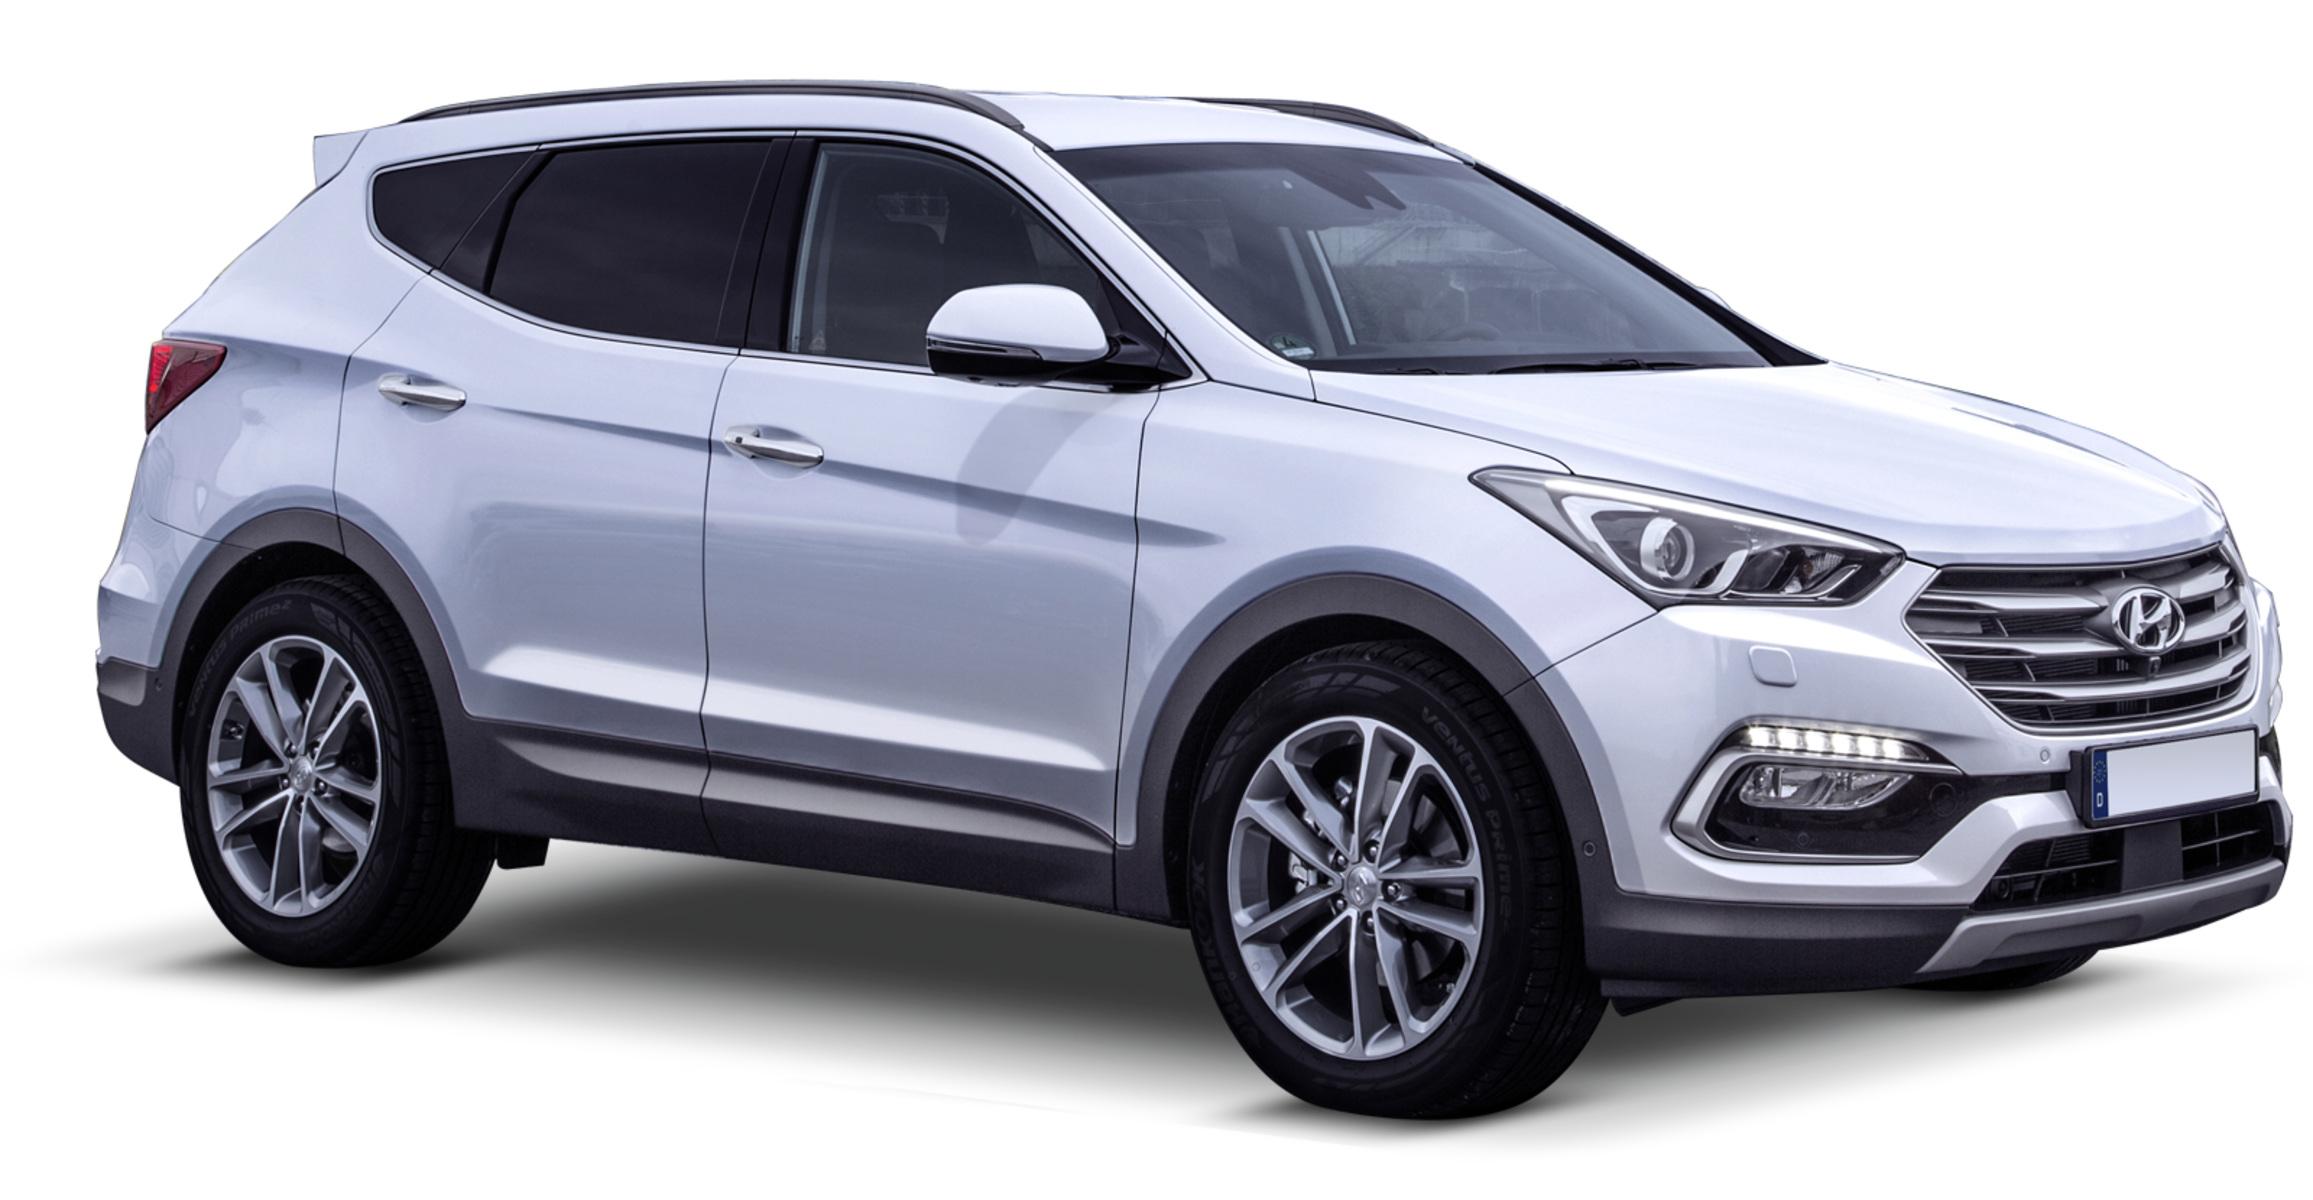 Listino Hyundai Santa Fe prezzo - scheda tecnica - consumi ...